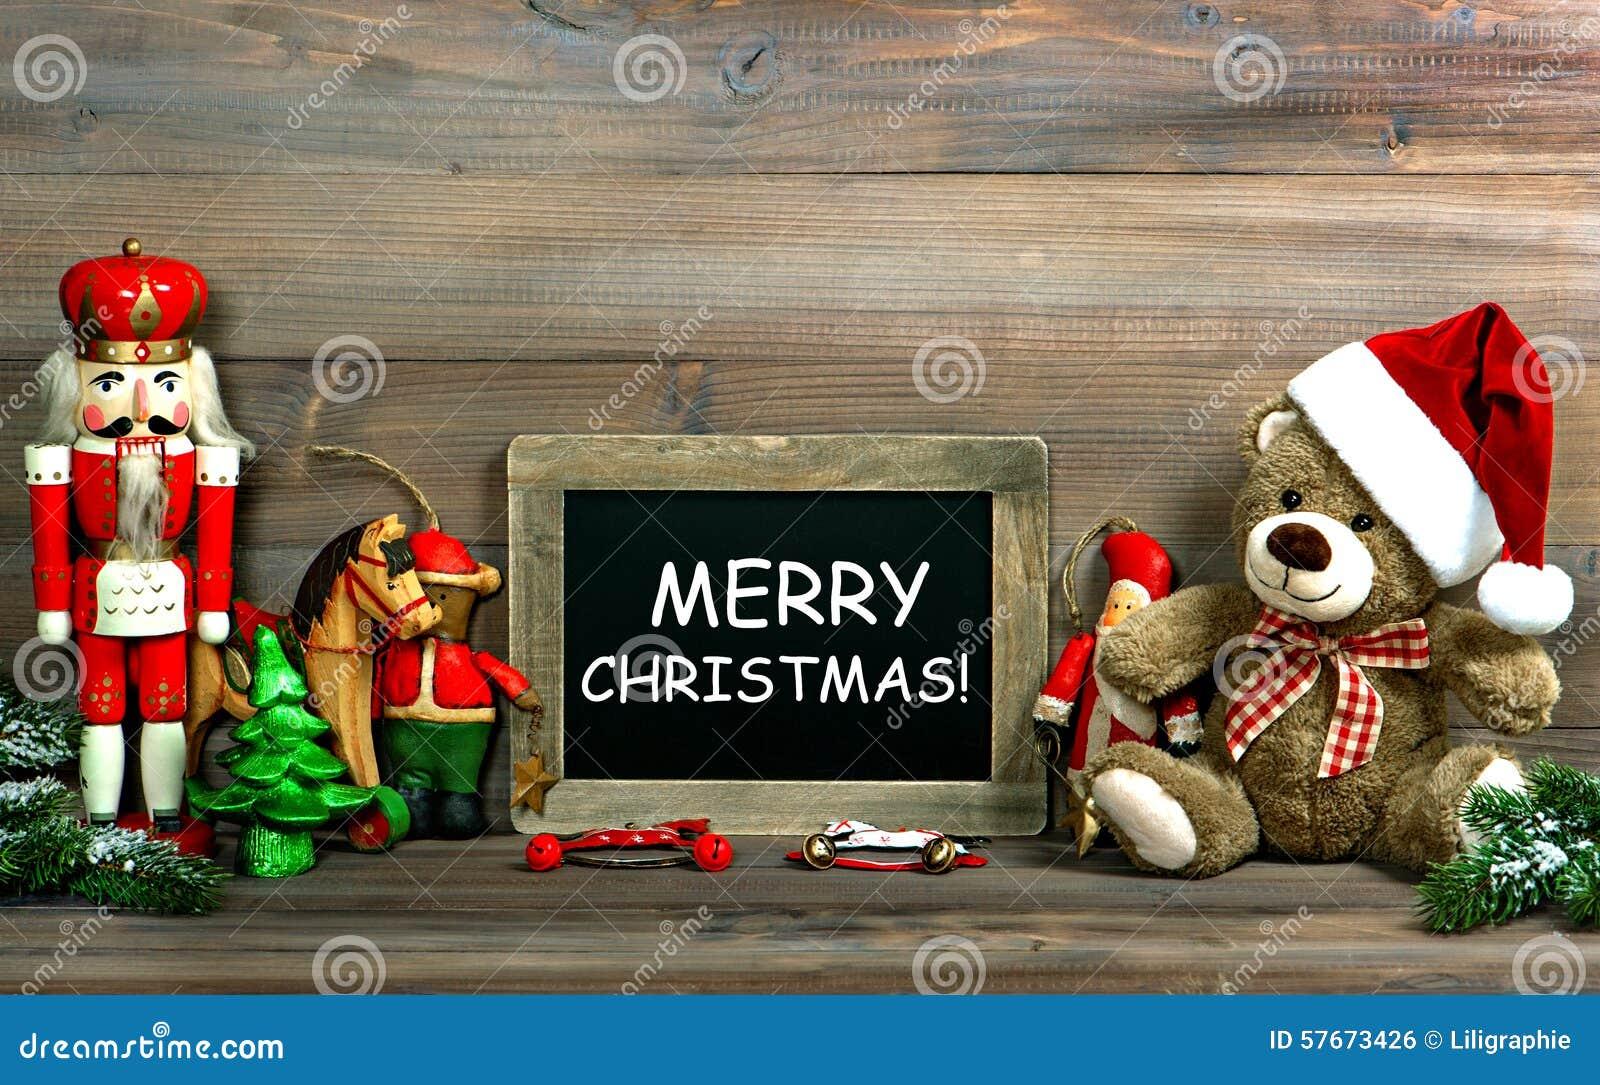 #C20D09 Décoration De Noël Avec Les Jouets Et Le Tableau Noir  6061 decoration de noel tableau 1300x899 px @ aertt.com